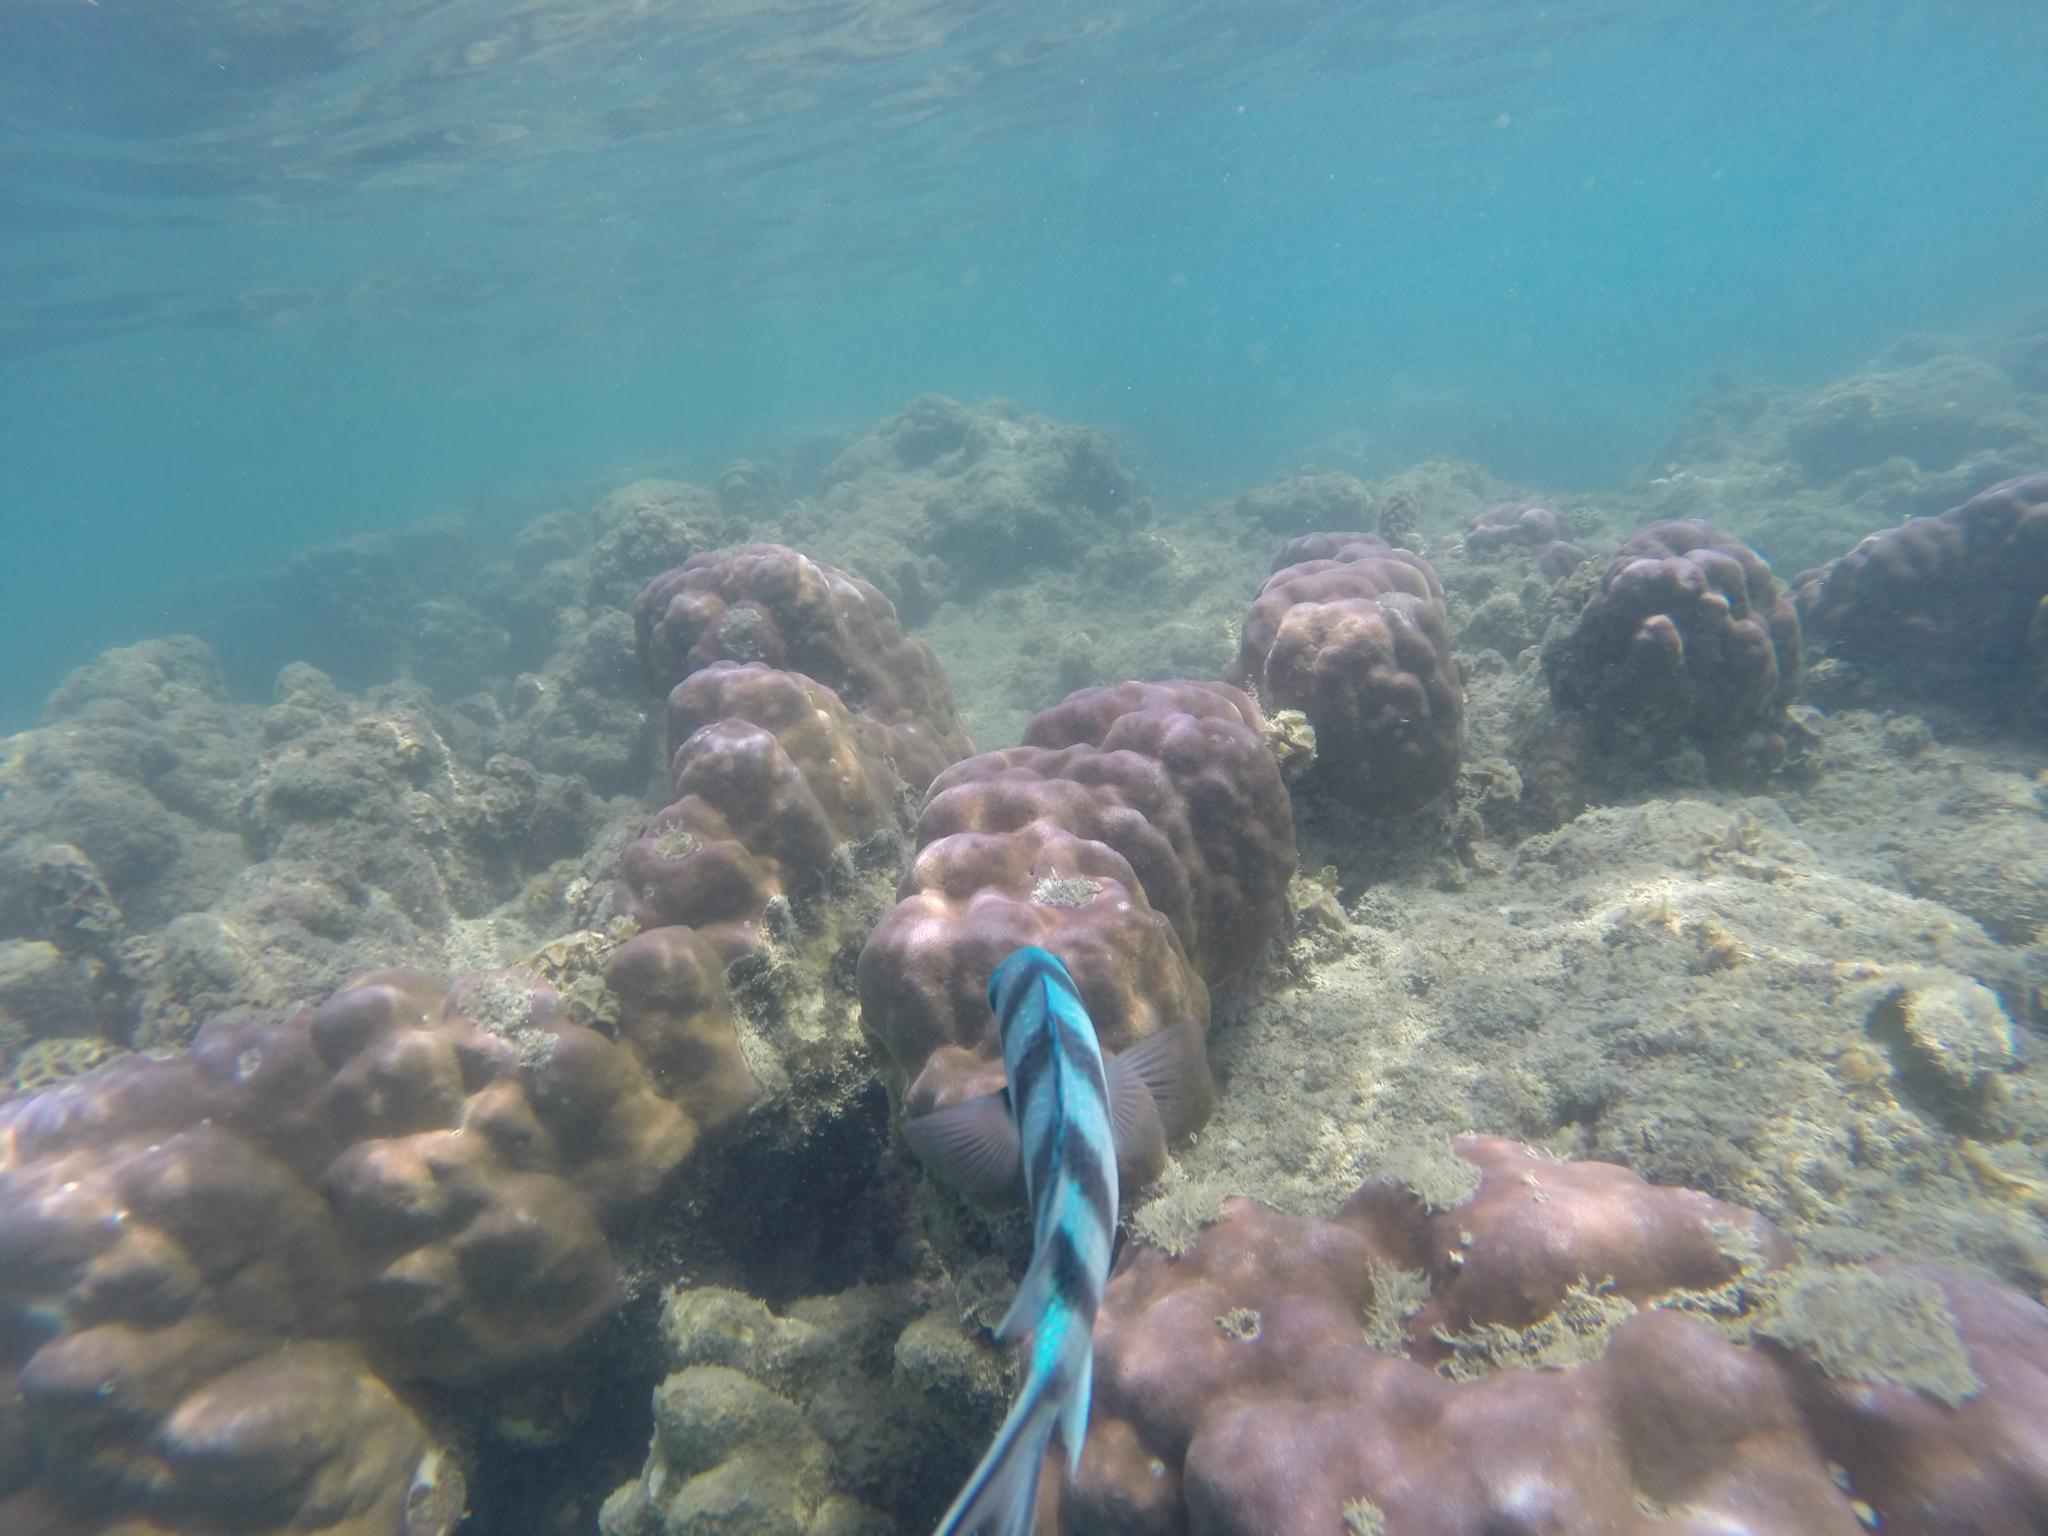 Korallen und Fische in greifbarer Nähe